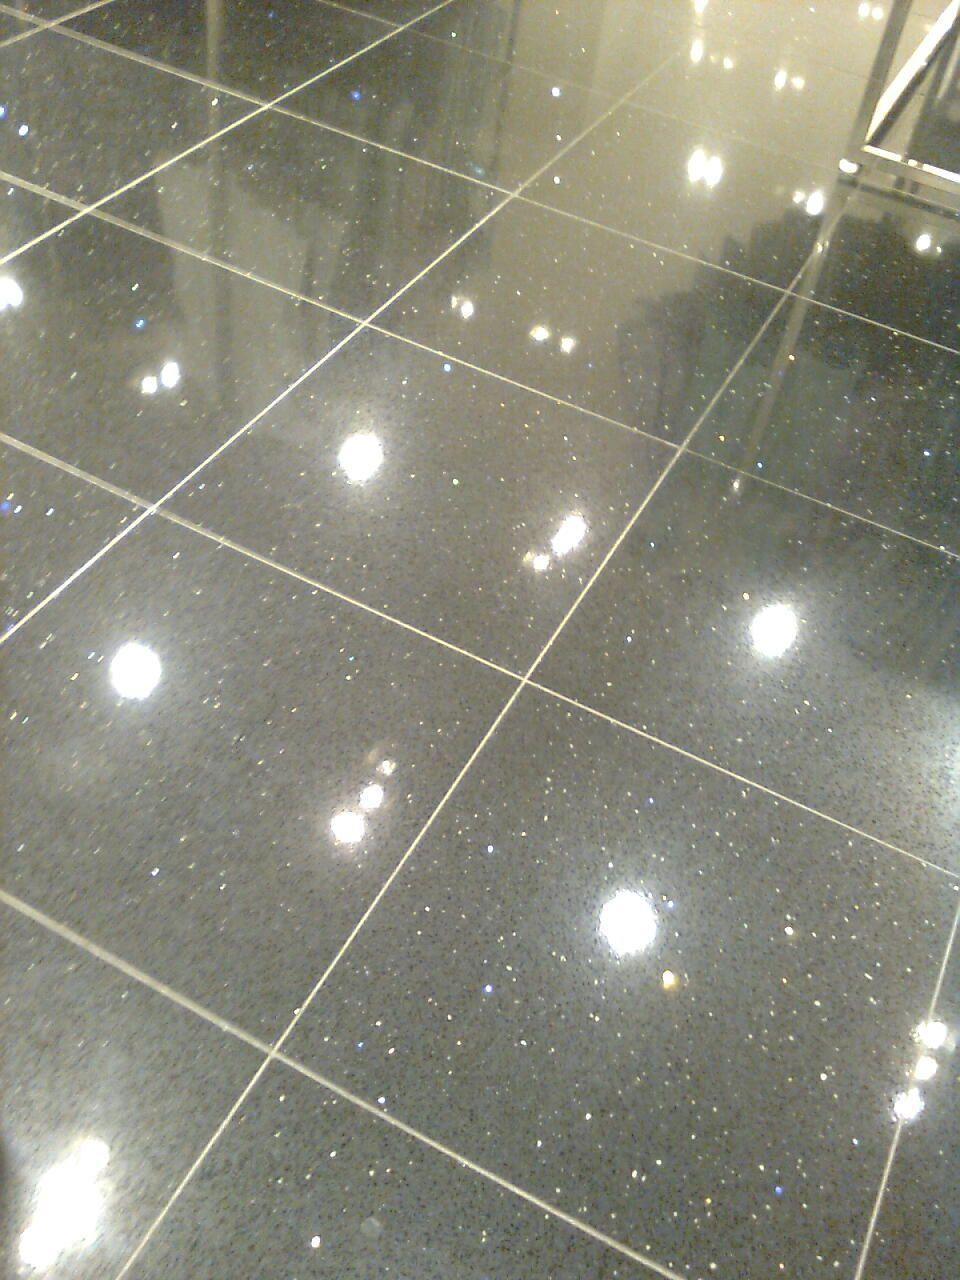 Forever 21 Sparkly Floor Bathroom Tile Diy Glitter Floor